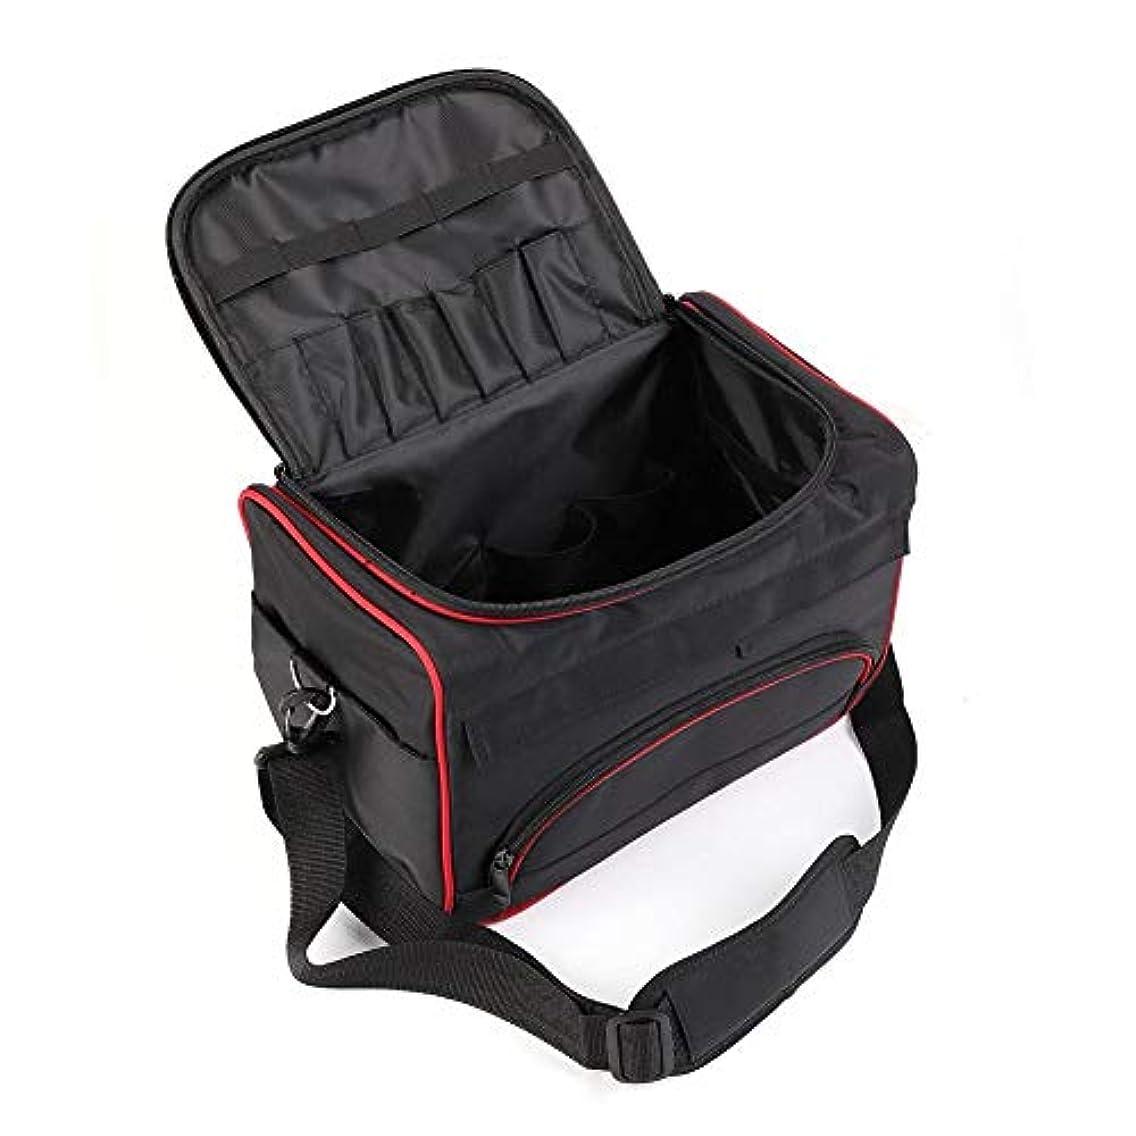 嵐ペース以上美容ツールバッグ ハンドバッグ 大型 美容サロン ポータブル バッグ ヘアスタイルケース くし/ドライヤー/かつら 旅行用